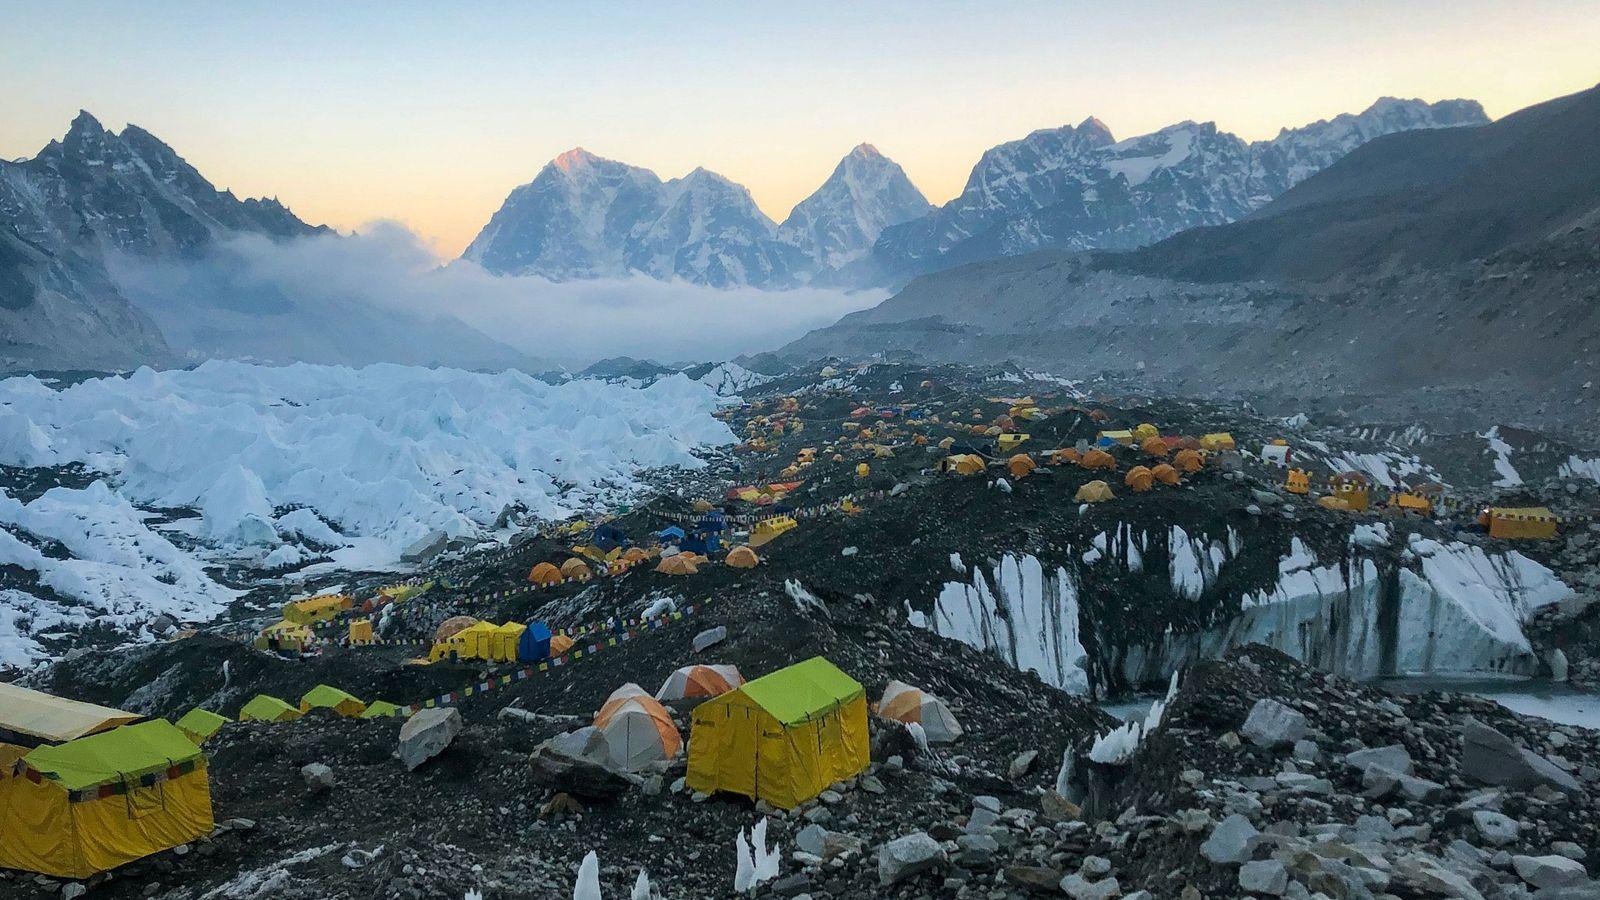 Au pied du glacier du Khumbu, le camp de base de l'Everest est encerclé par certains ...